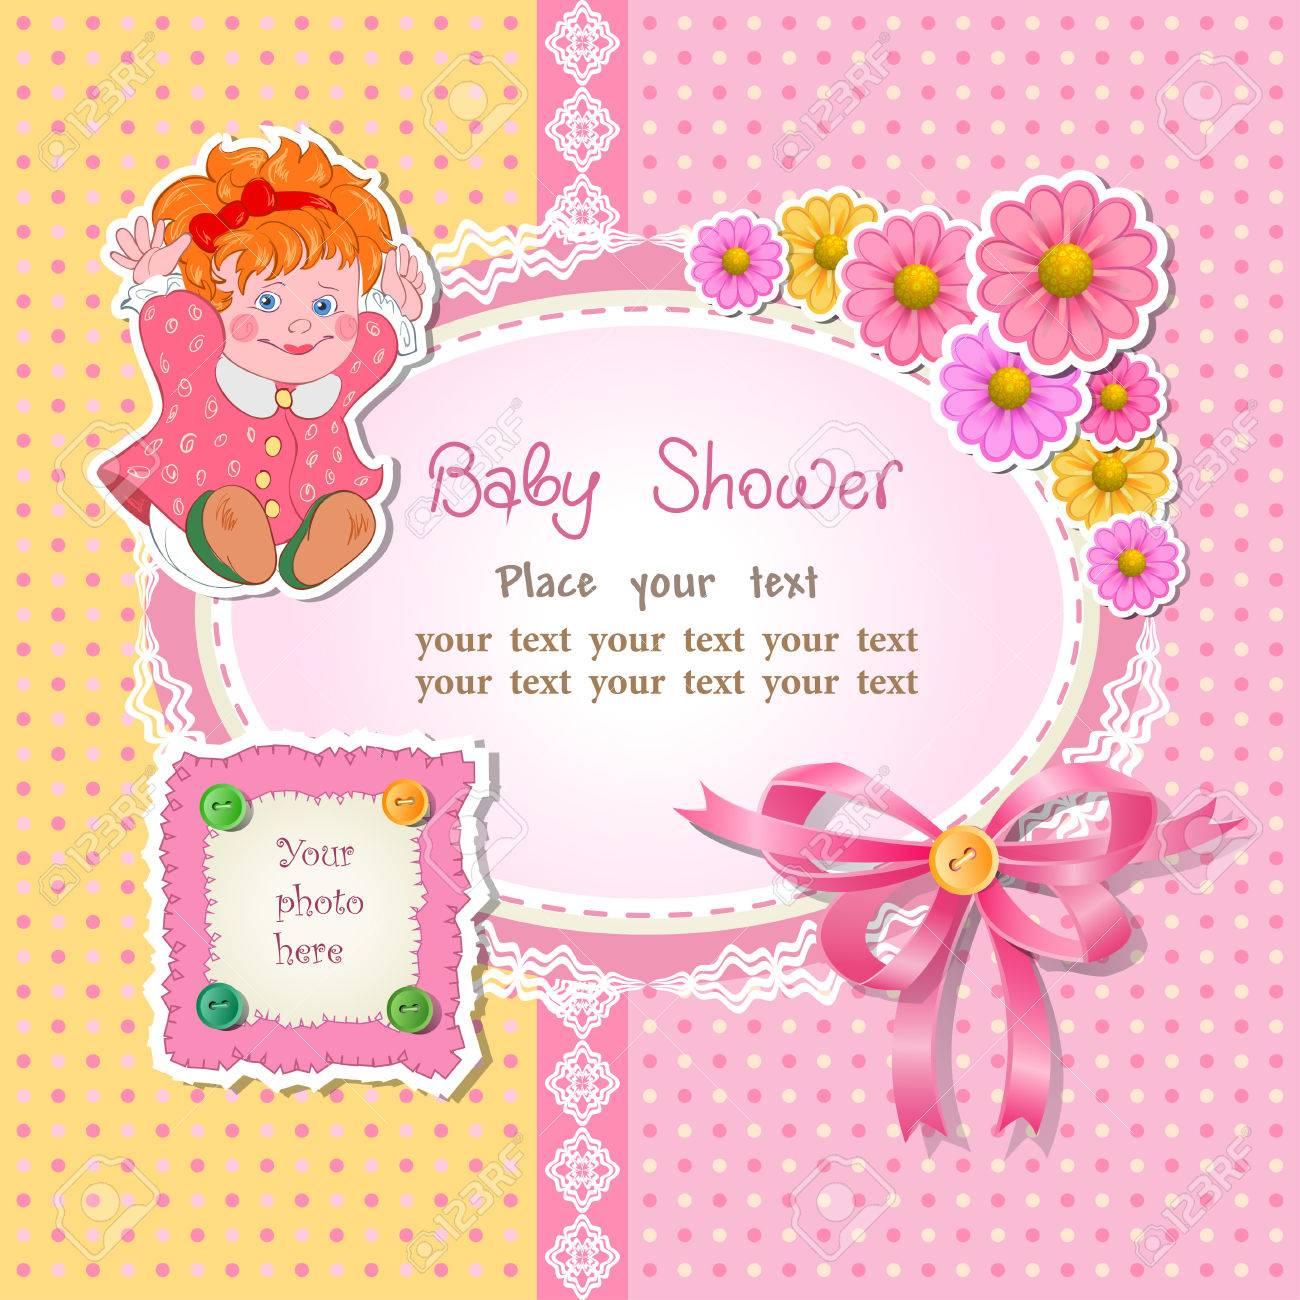 グッズや花ベクトル イラストと女の子のためのベビー シャワーの